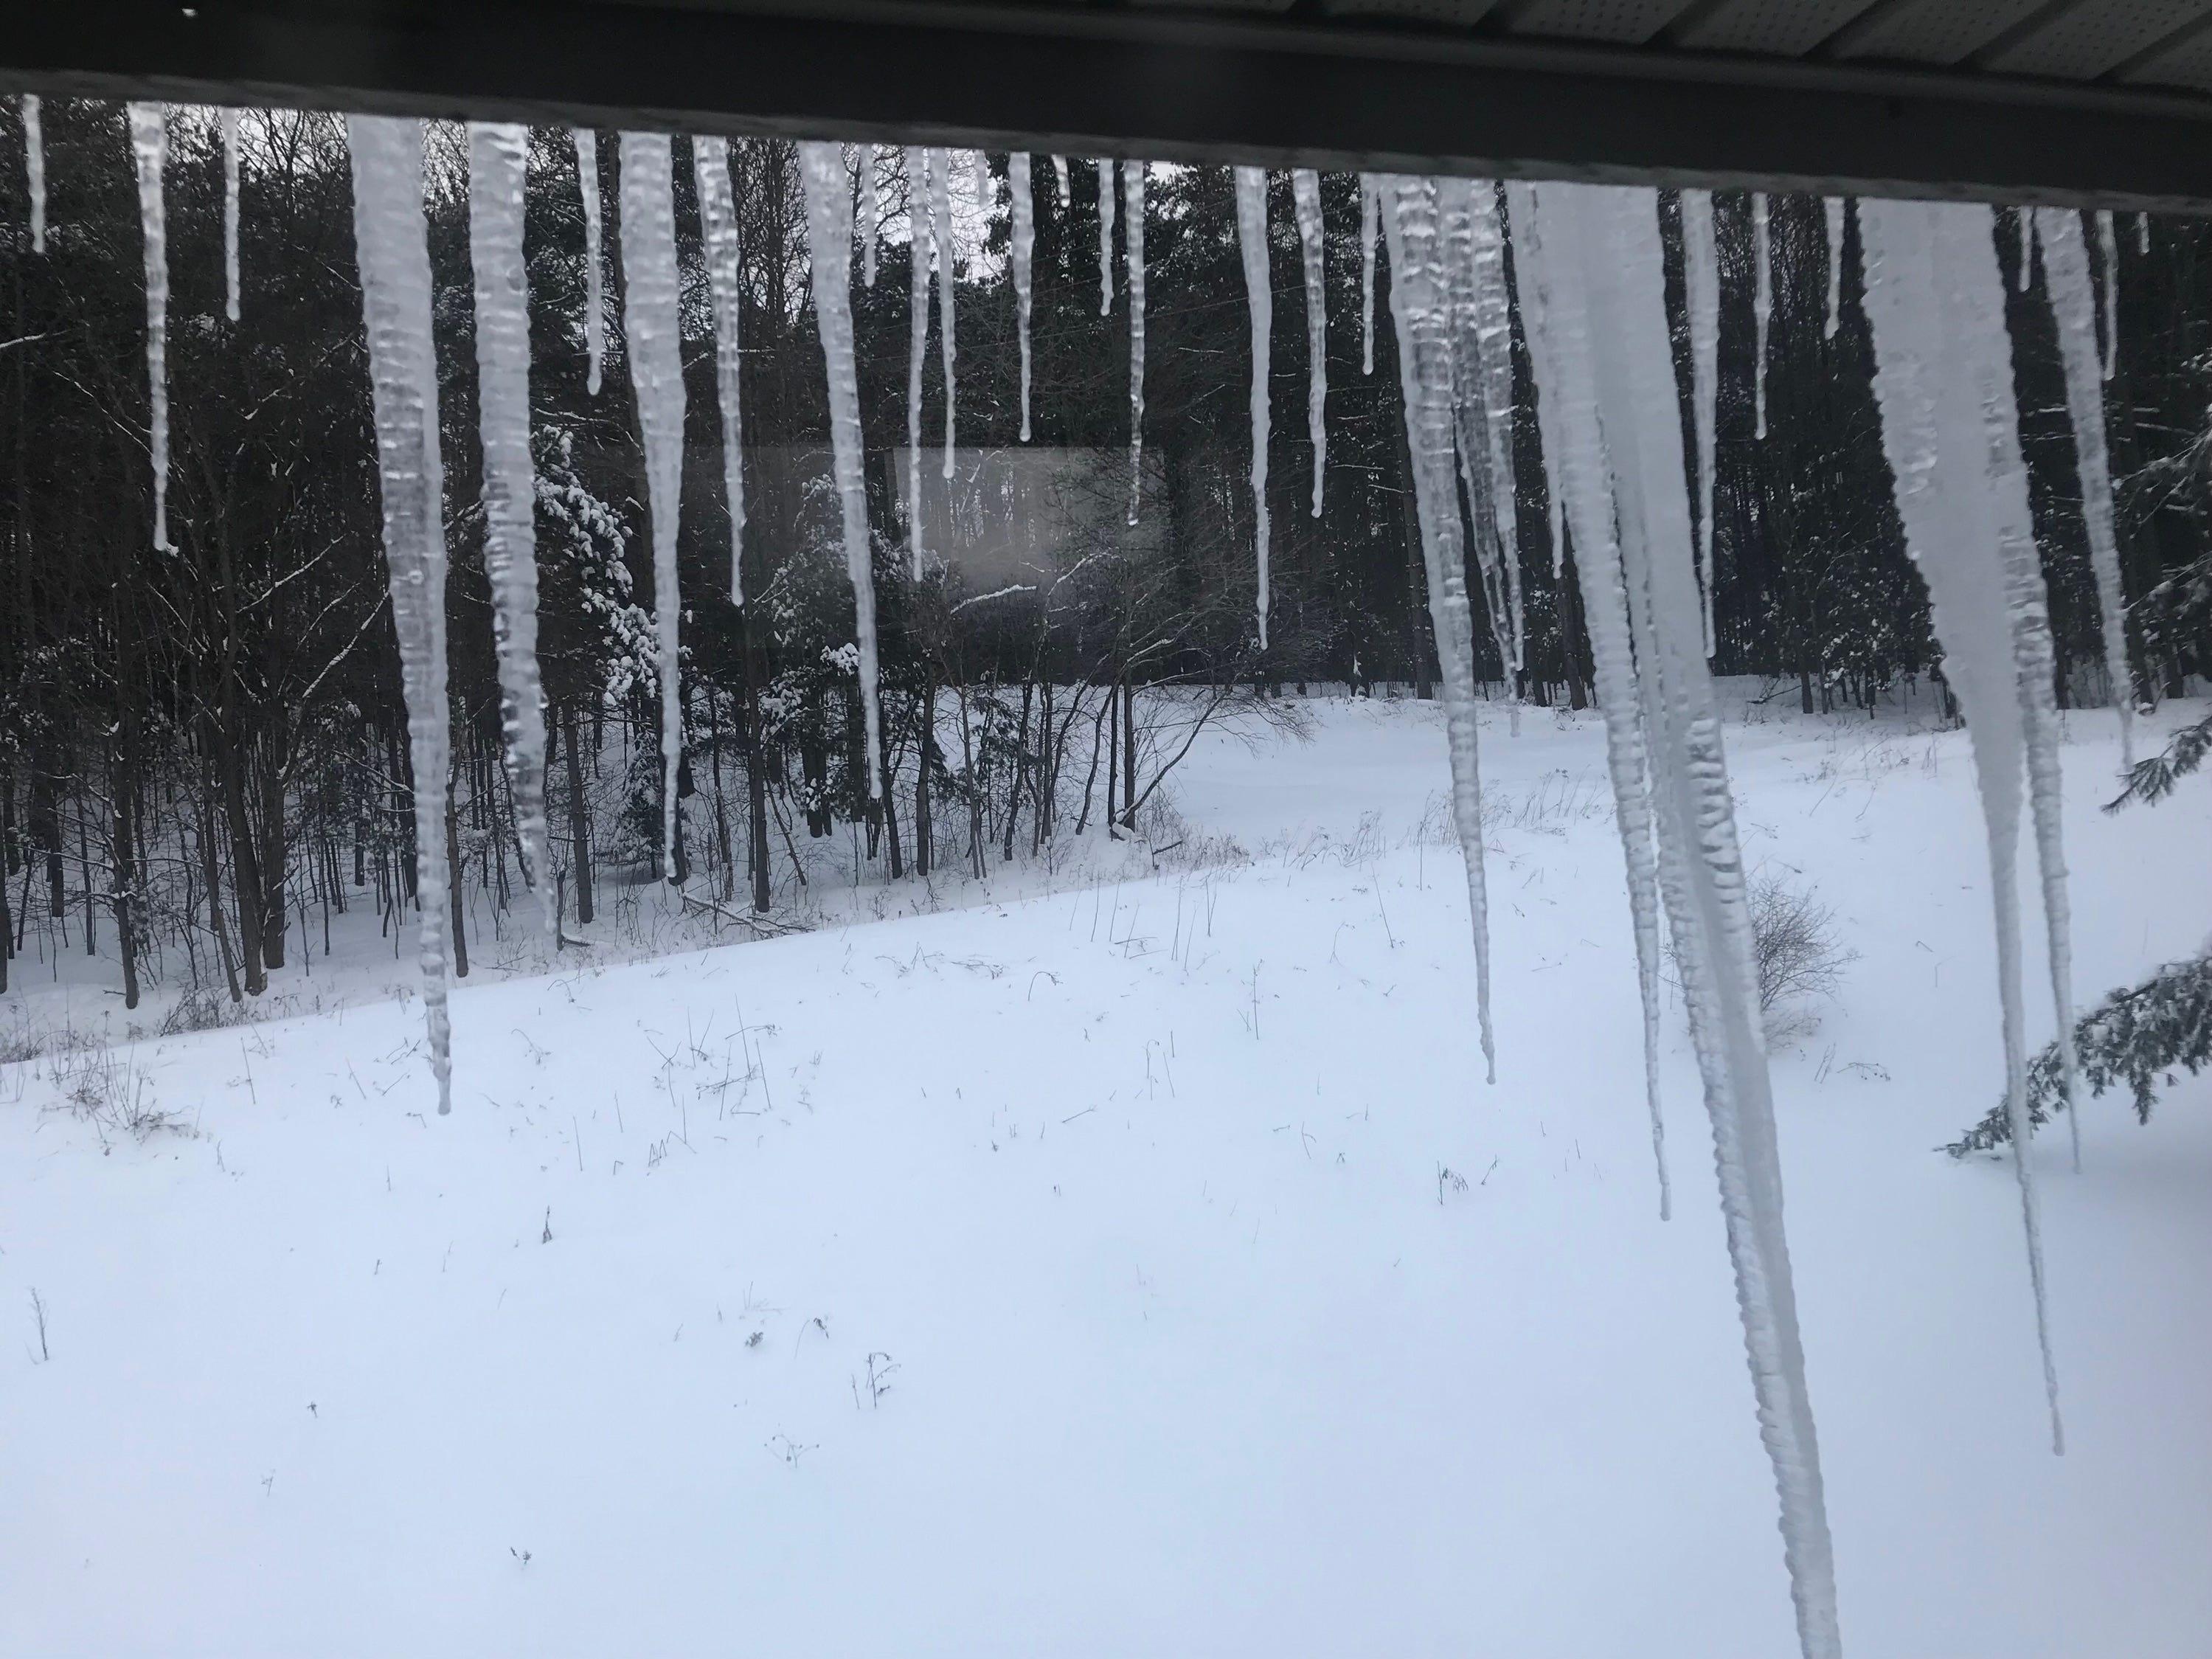 Snowy scene in Binghamton Sunday.